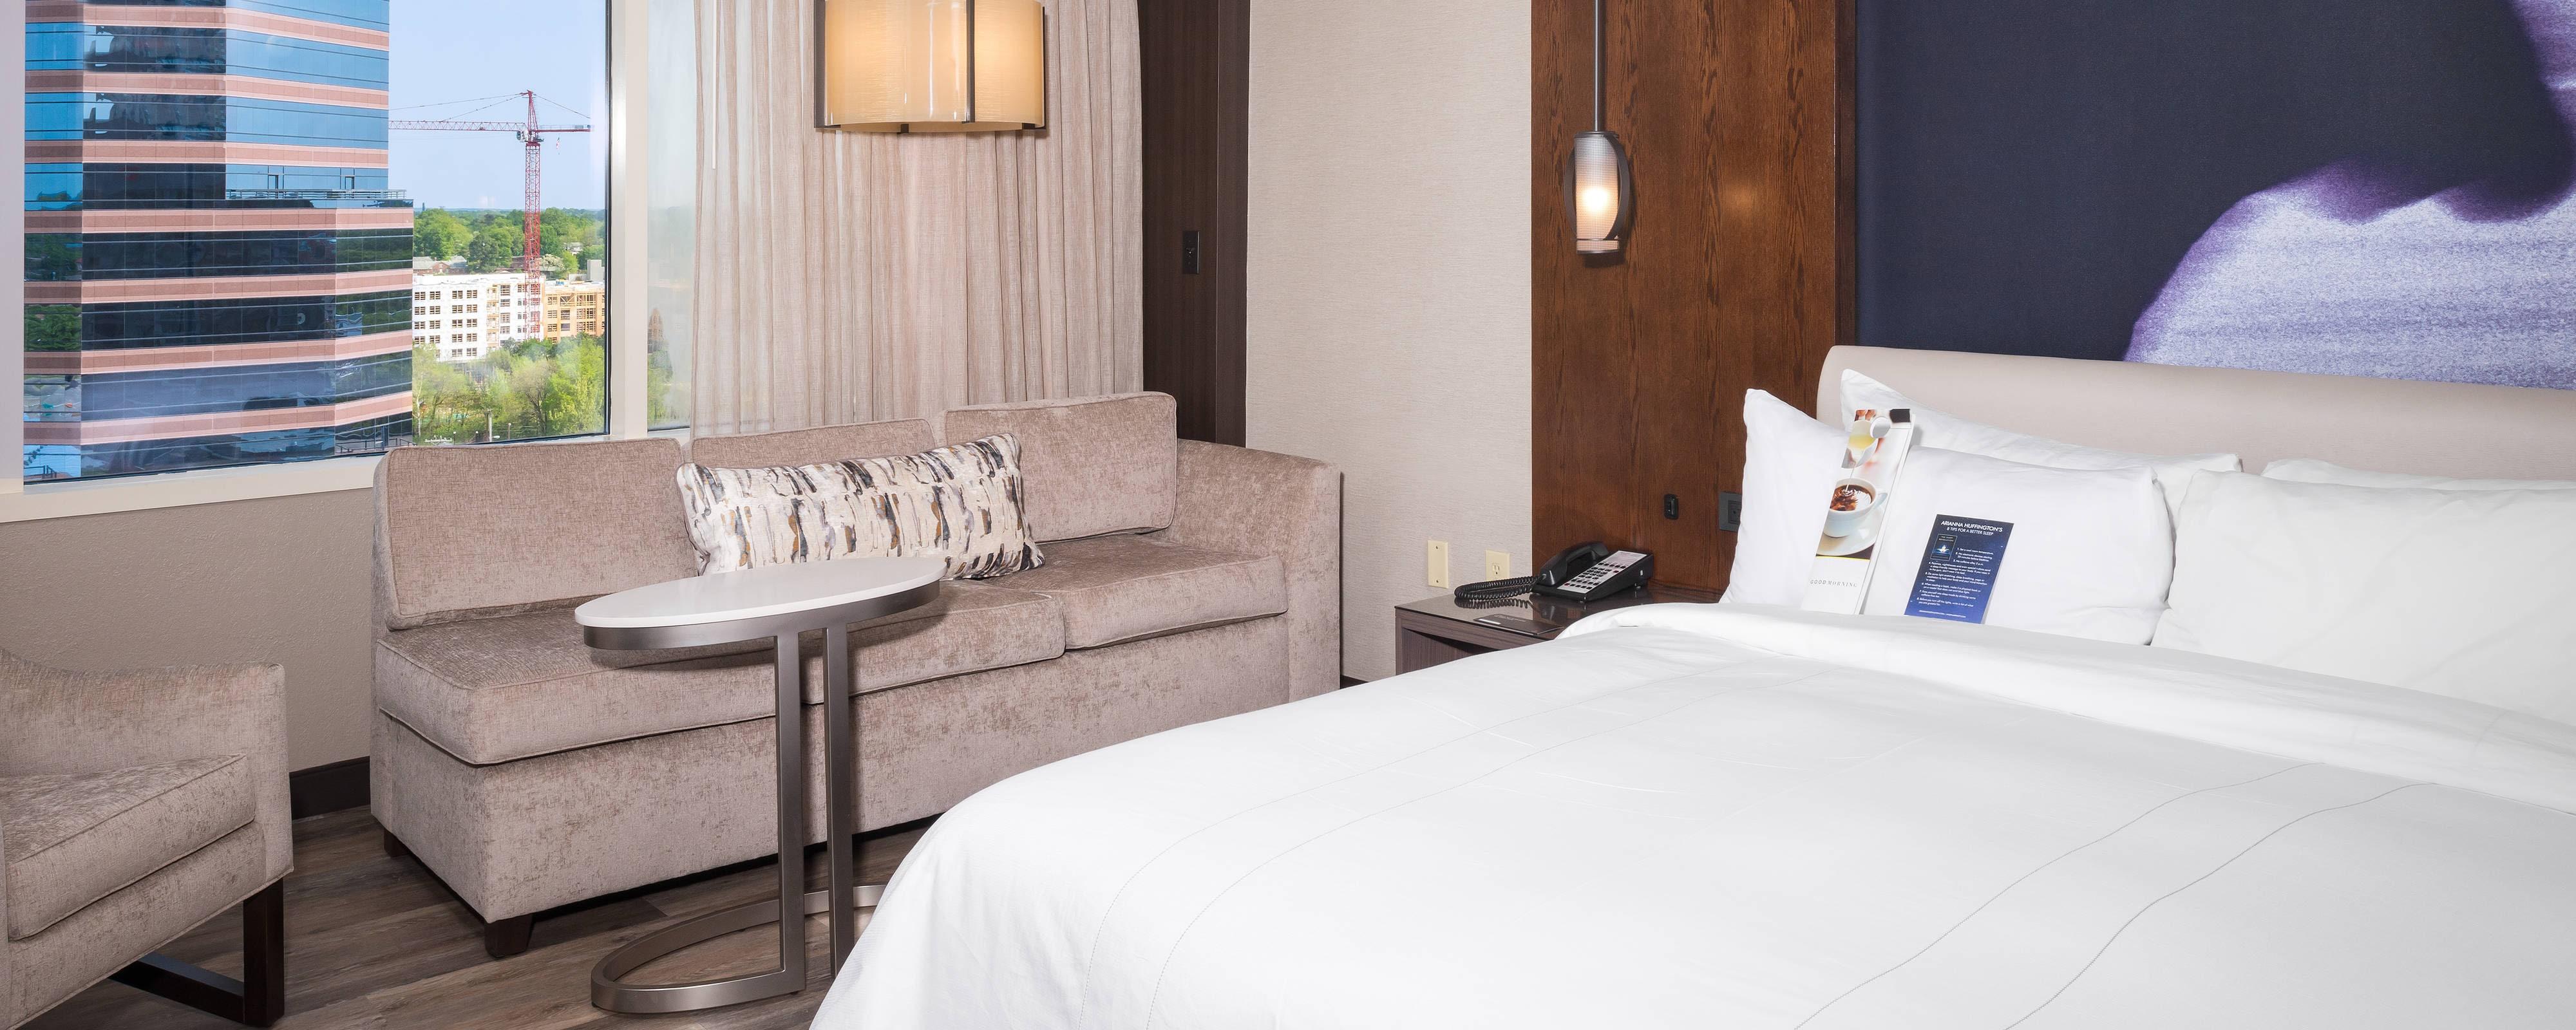 Downtown Durham Hotels In North Carolina Durham Marriott City Center